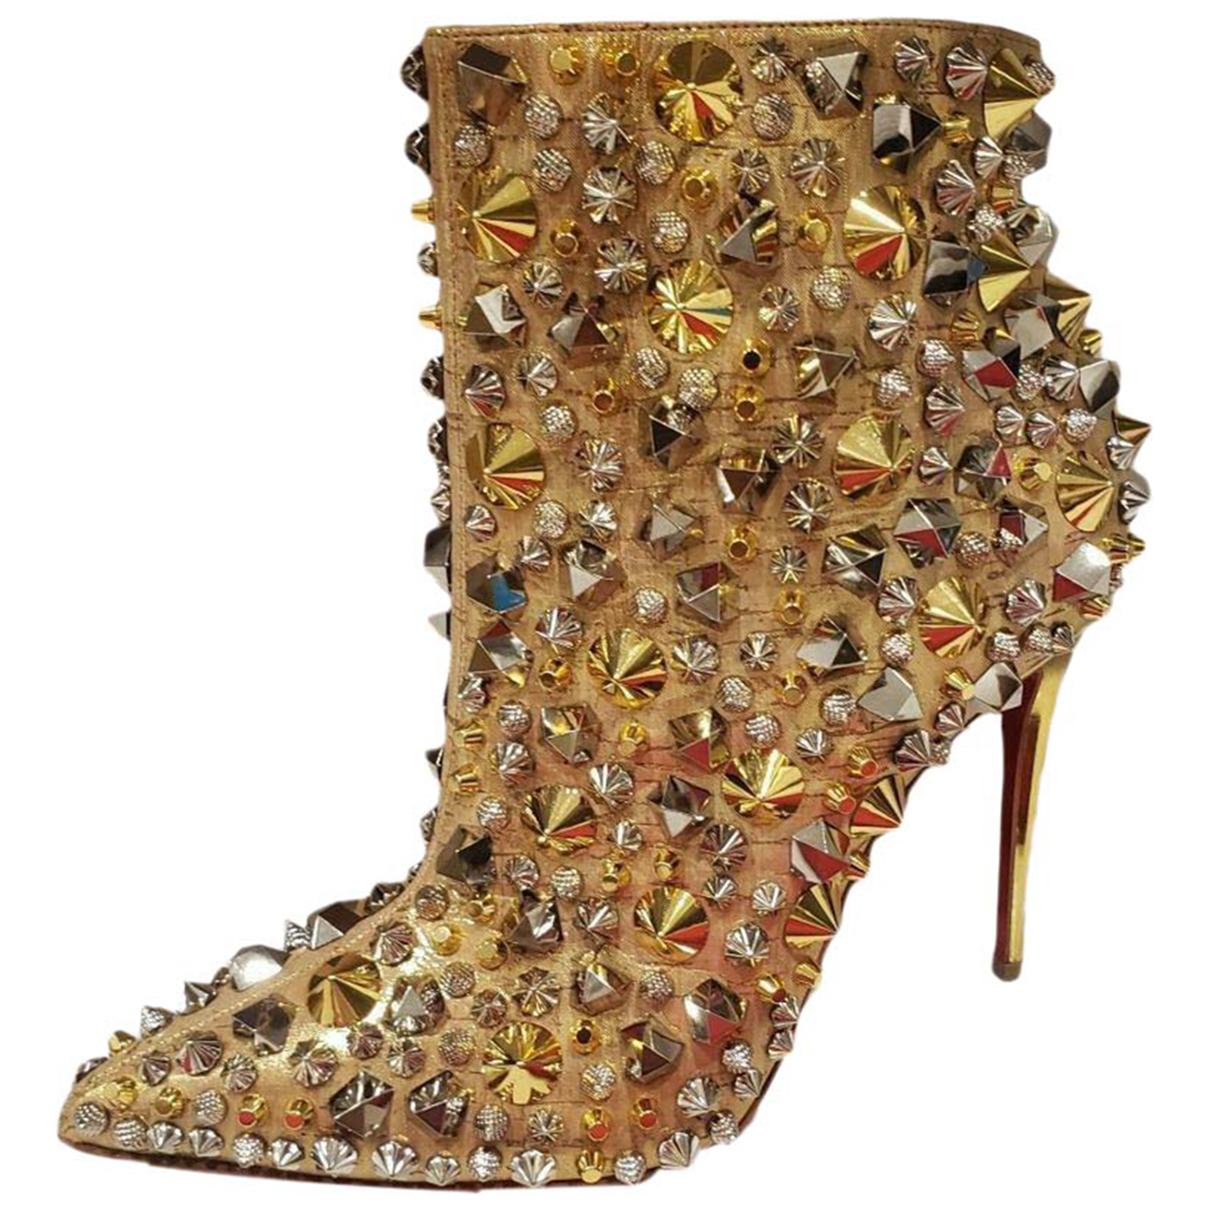 Christian Louboutin - Boots So Kate Booty pour femme en a paillettes - dore